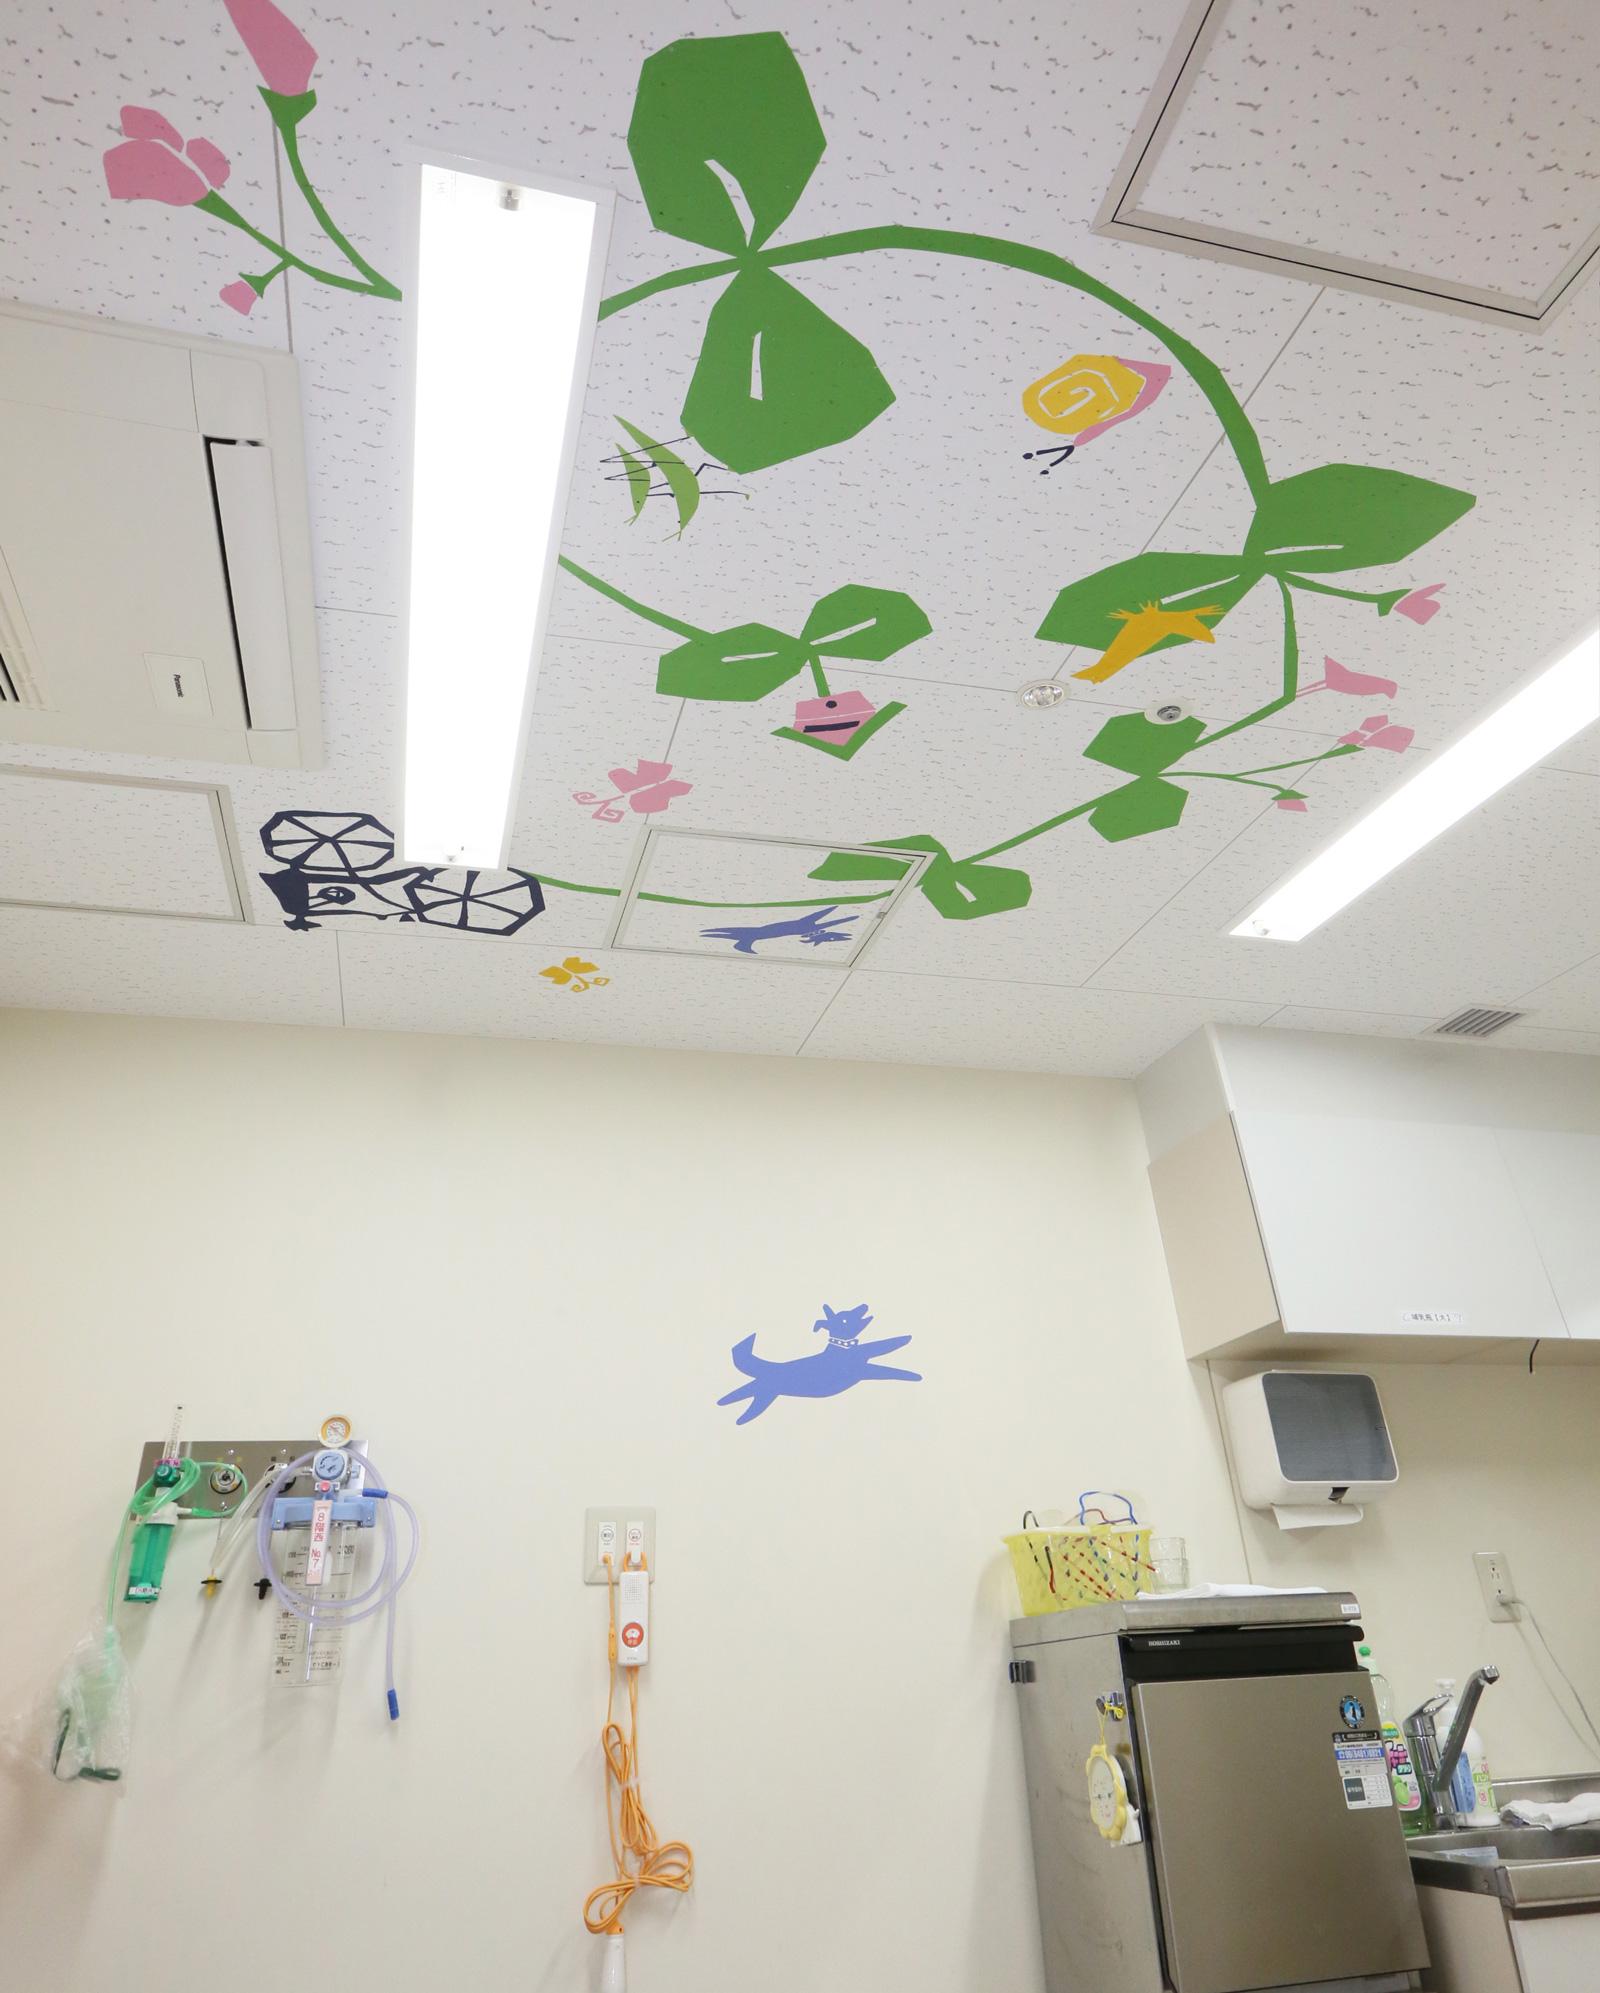 ホスピタルアート 大阪病院 小児科処置室 壁画